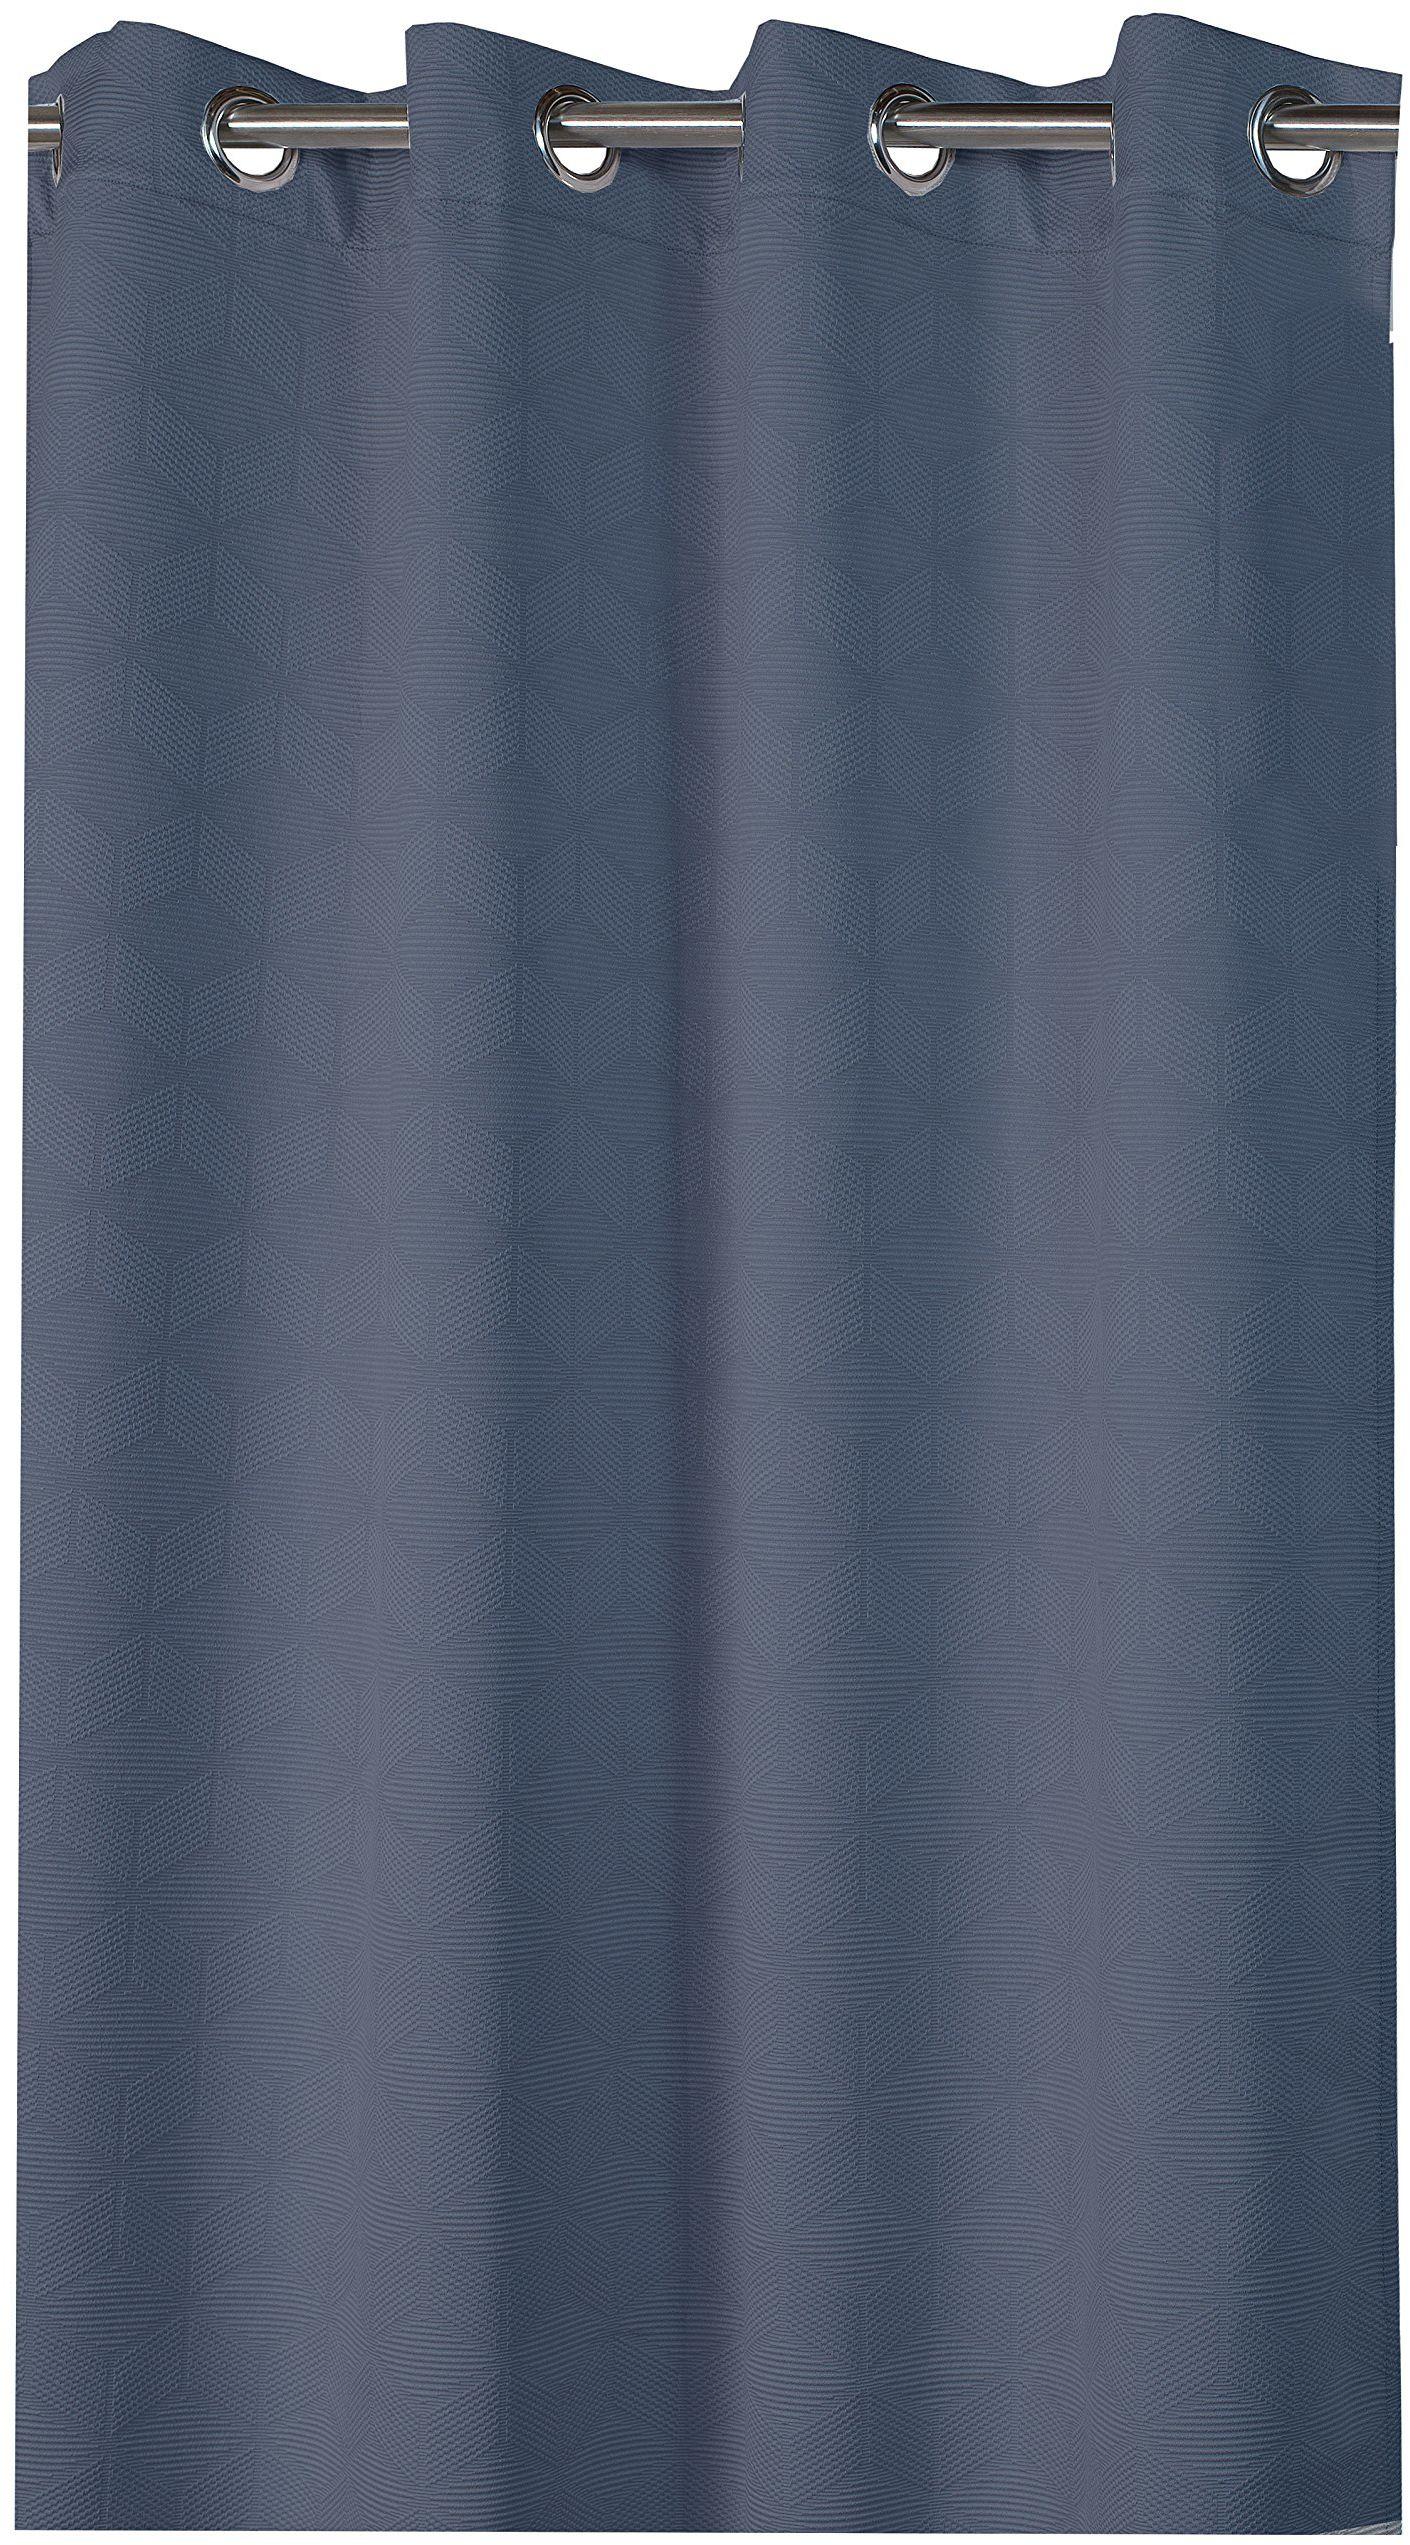 Himmel Francja pokrowce na meble, poliester bawełna, niebieski, 260 x 140 cm